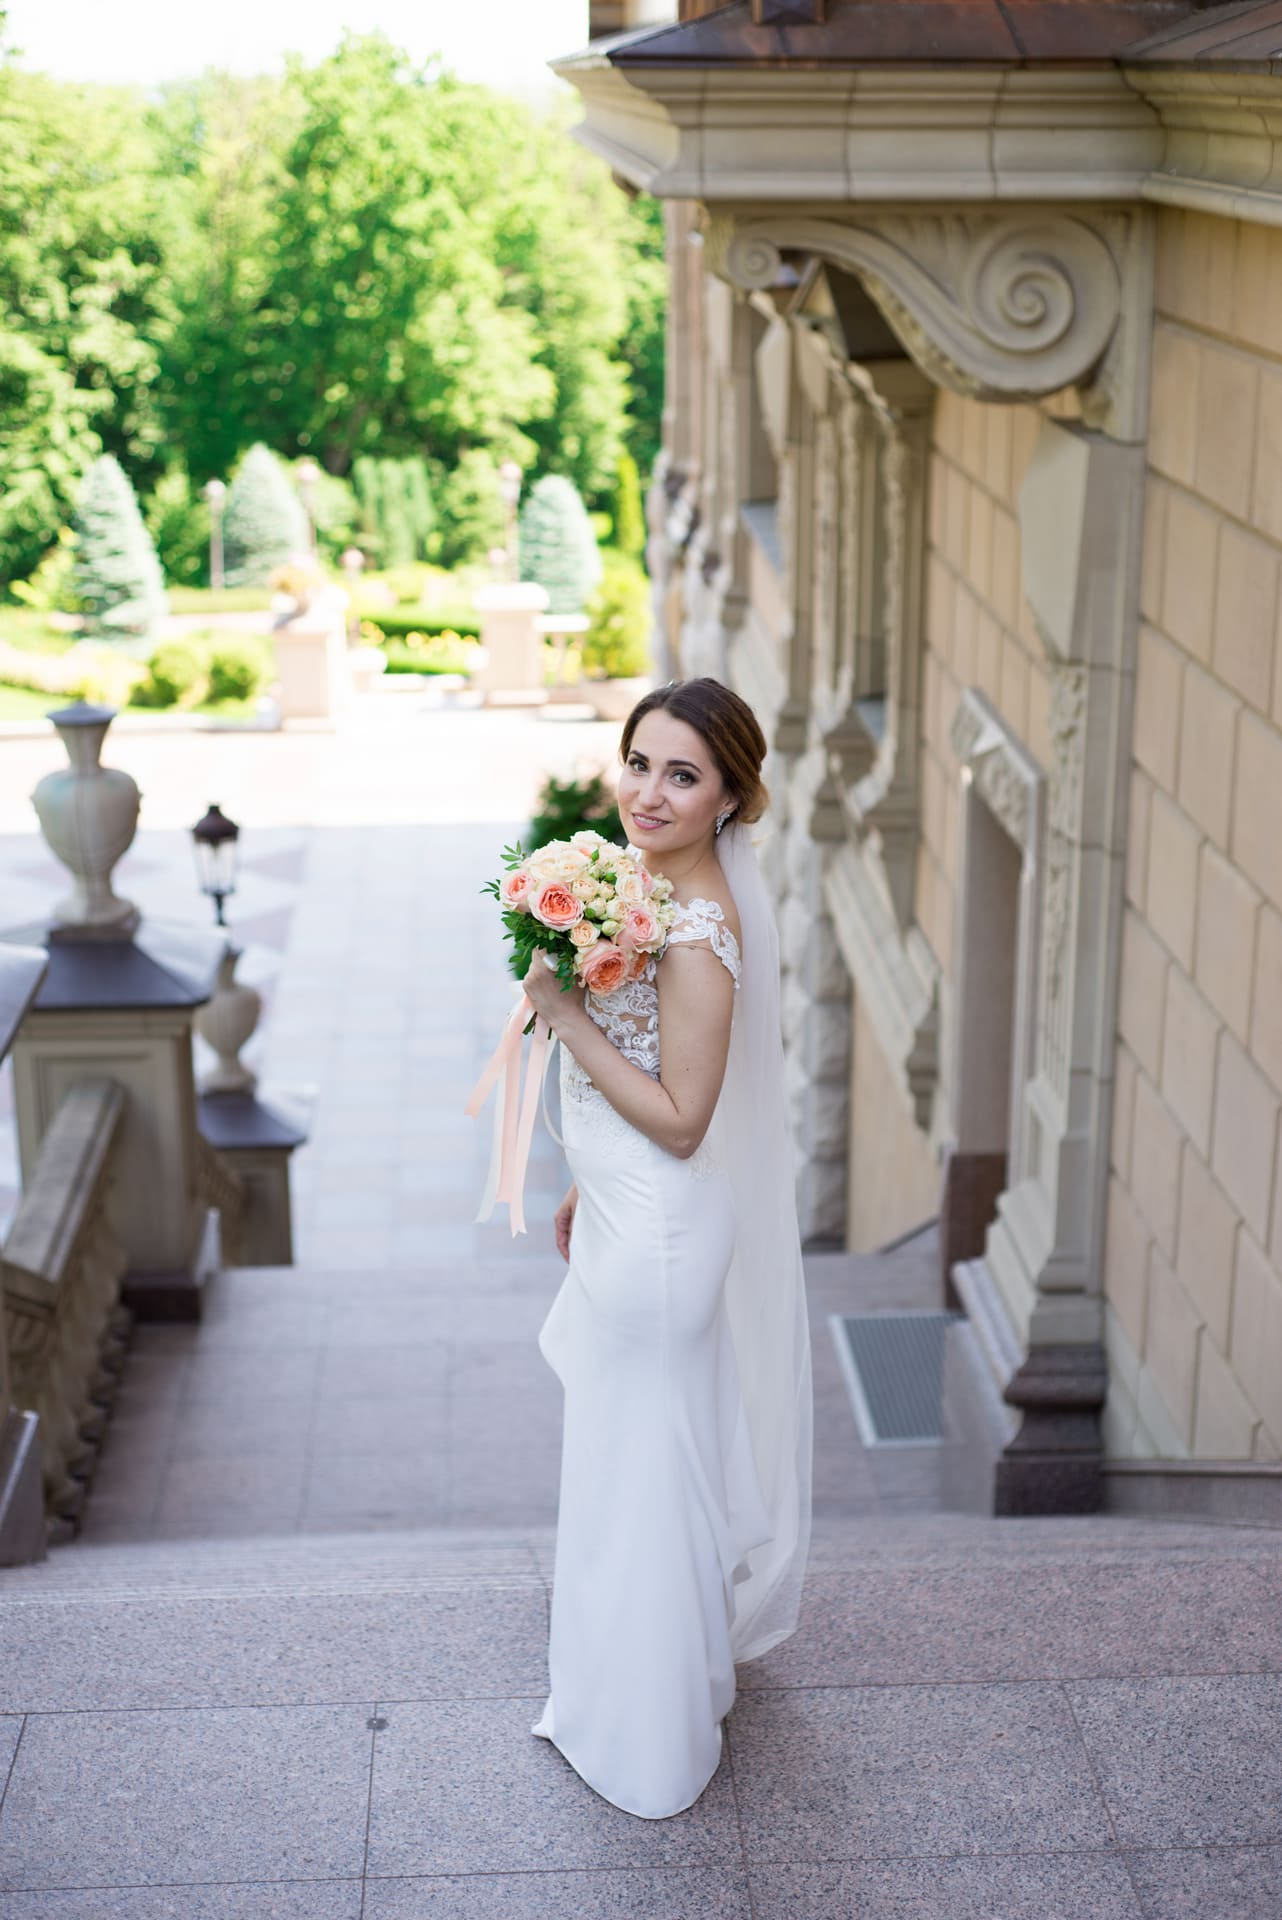 Свадебная фотосессия в Межигорье: Невеста с букетом на ступеньках